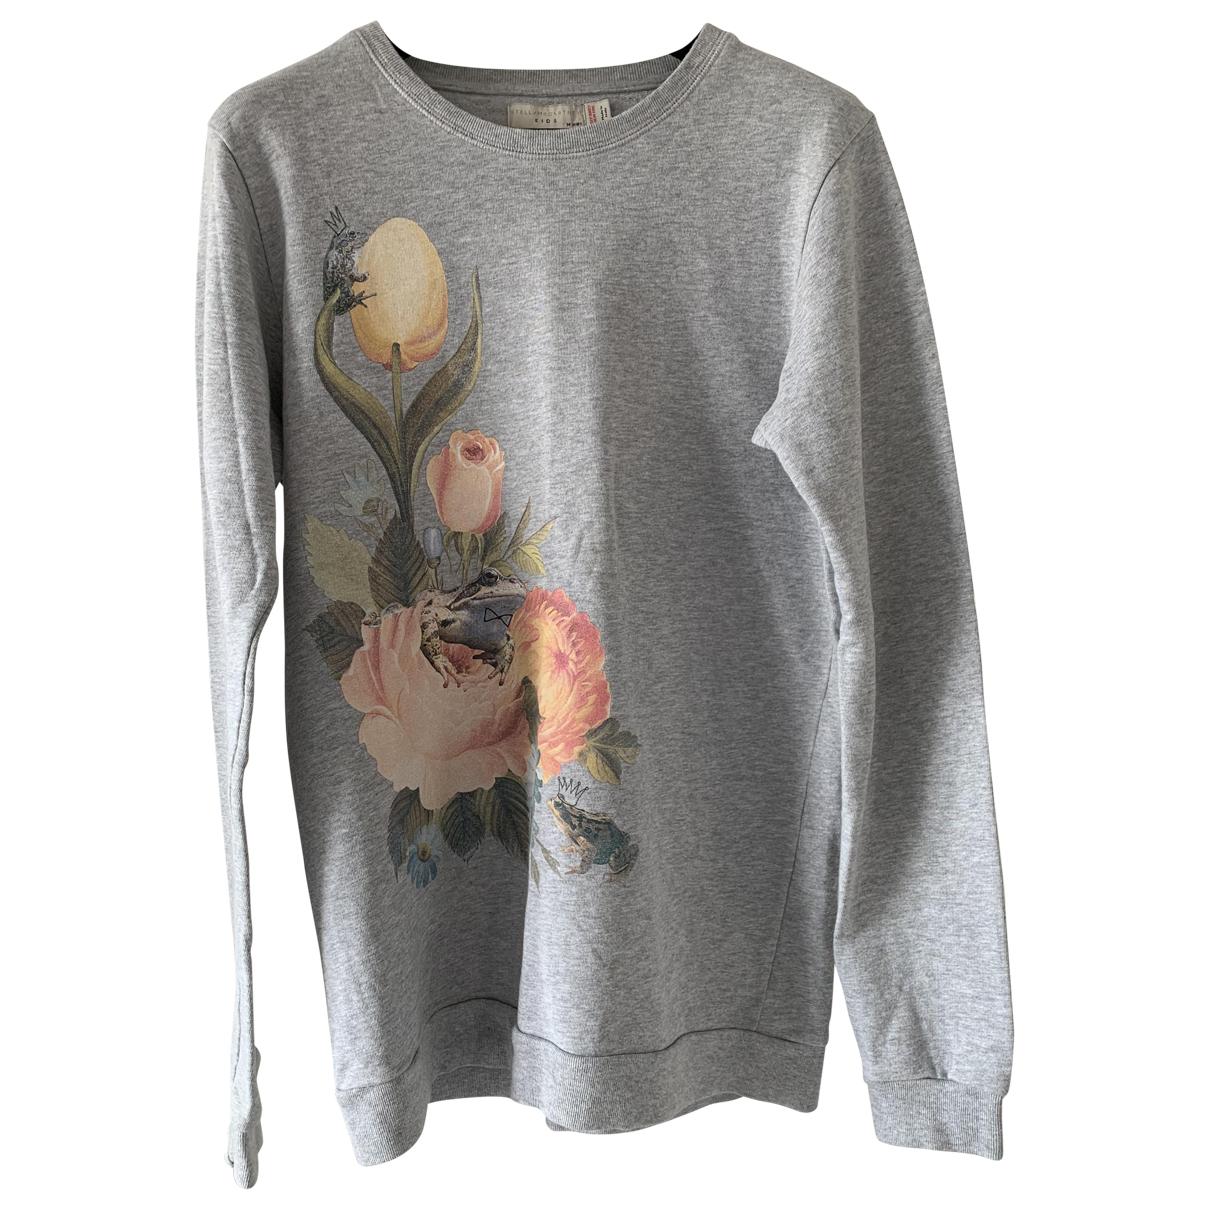 Stella Mccartney N Grey Cotton Knitwear for Kids 14 years - S FR